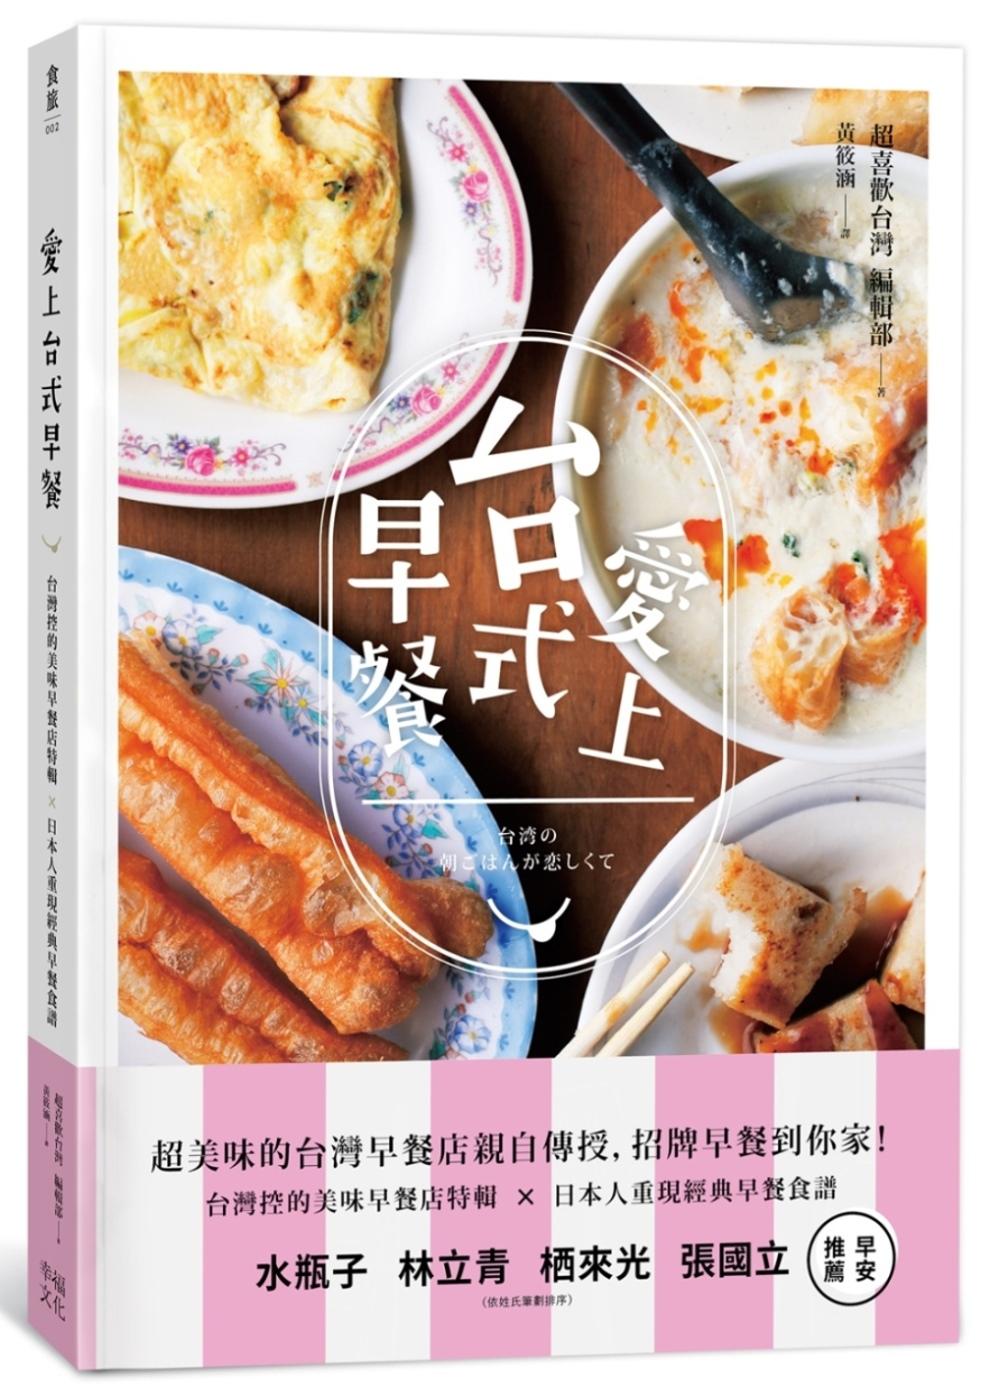 愛上台式早餐:台灣控的美味早餐特輯╳日本重現經典早餐食譜